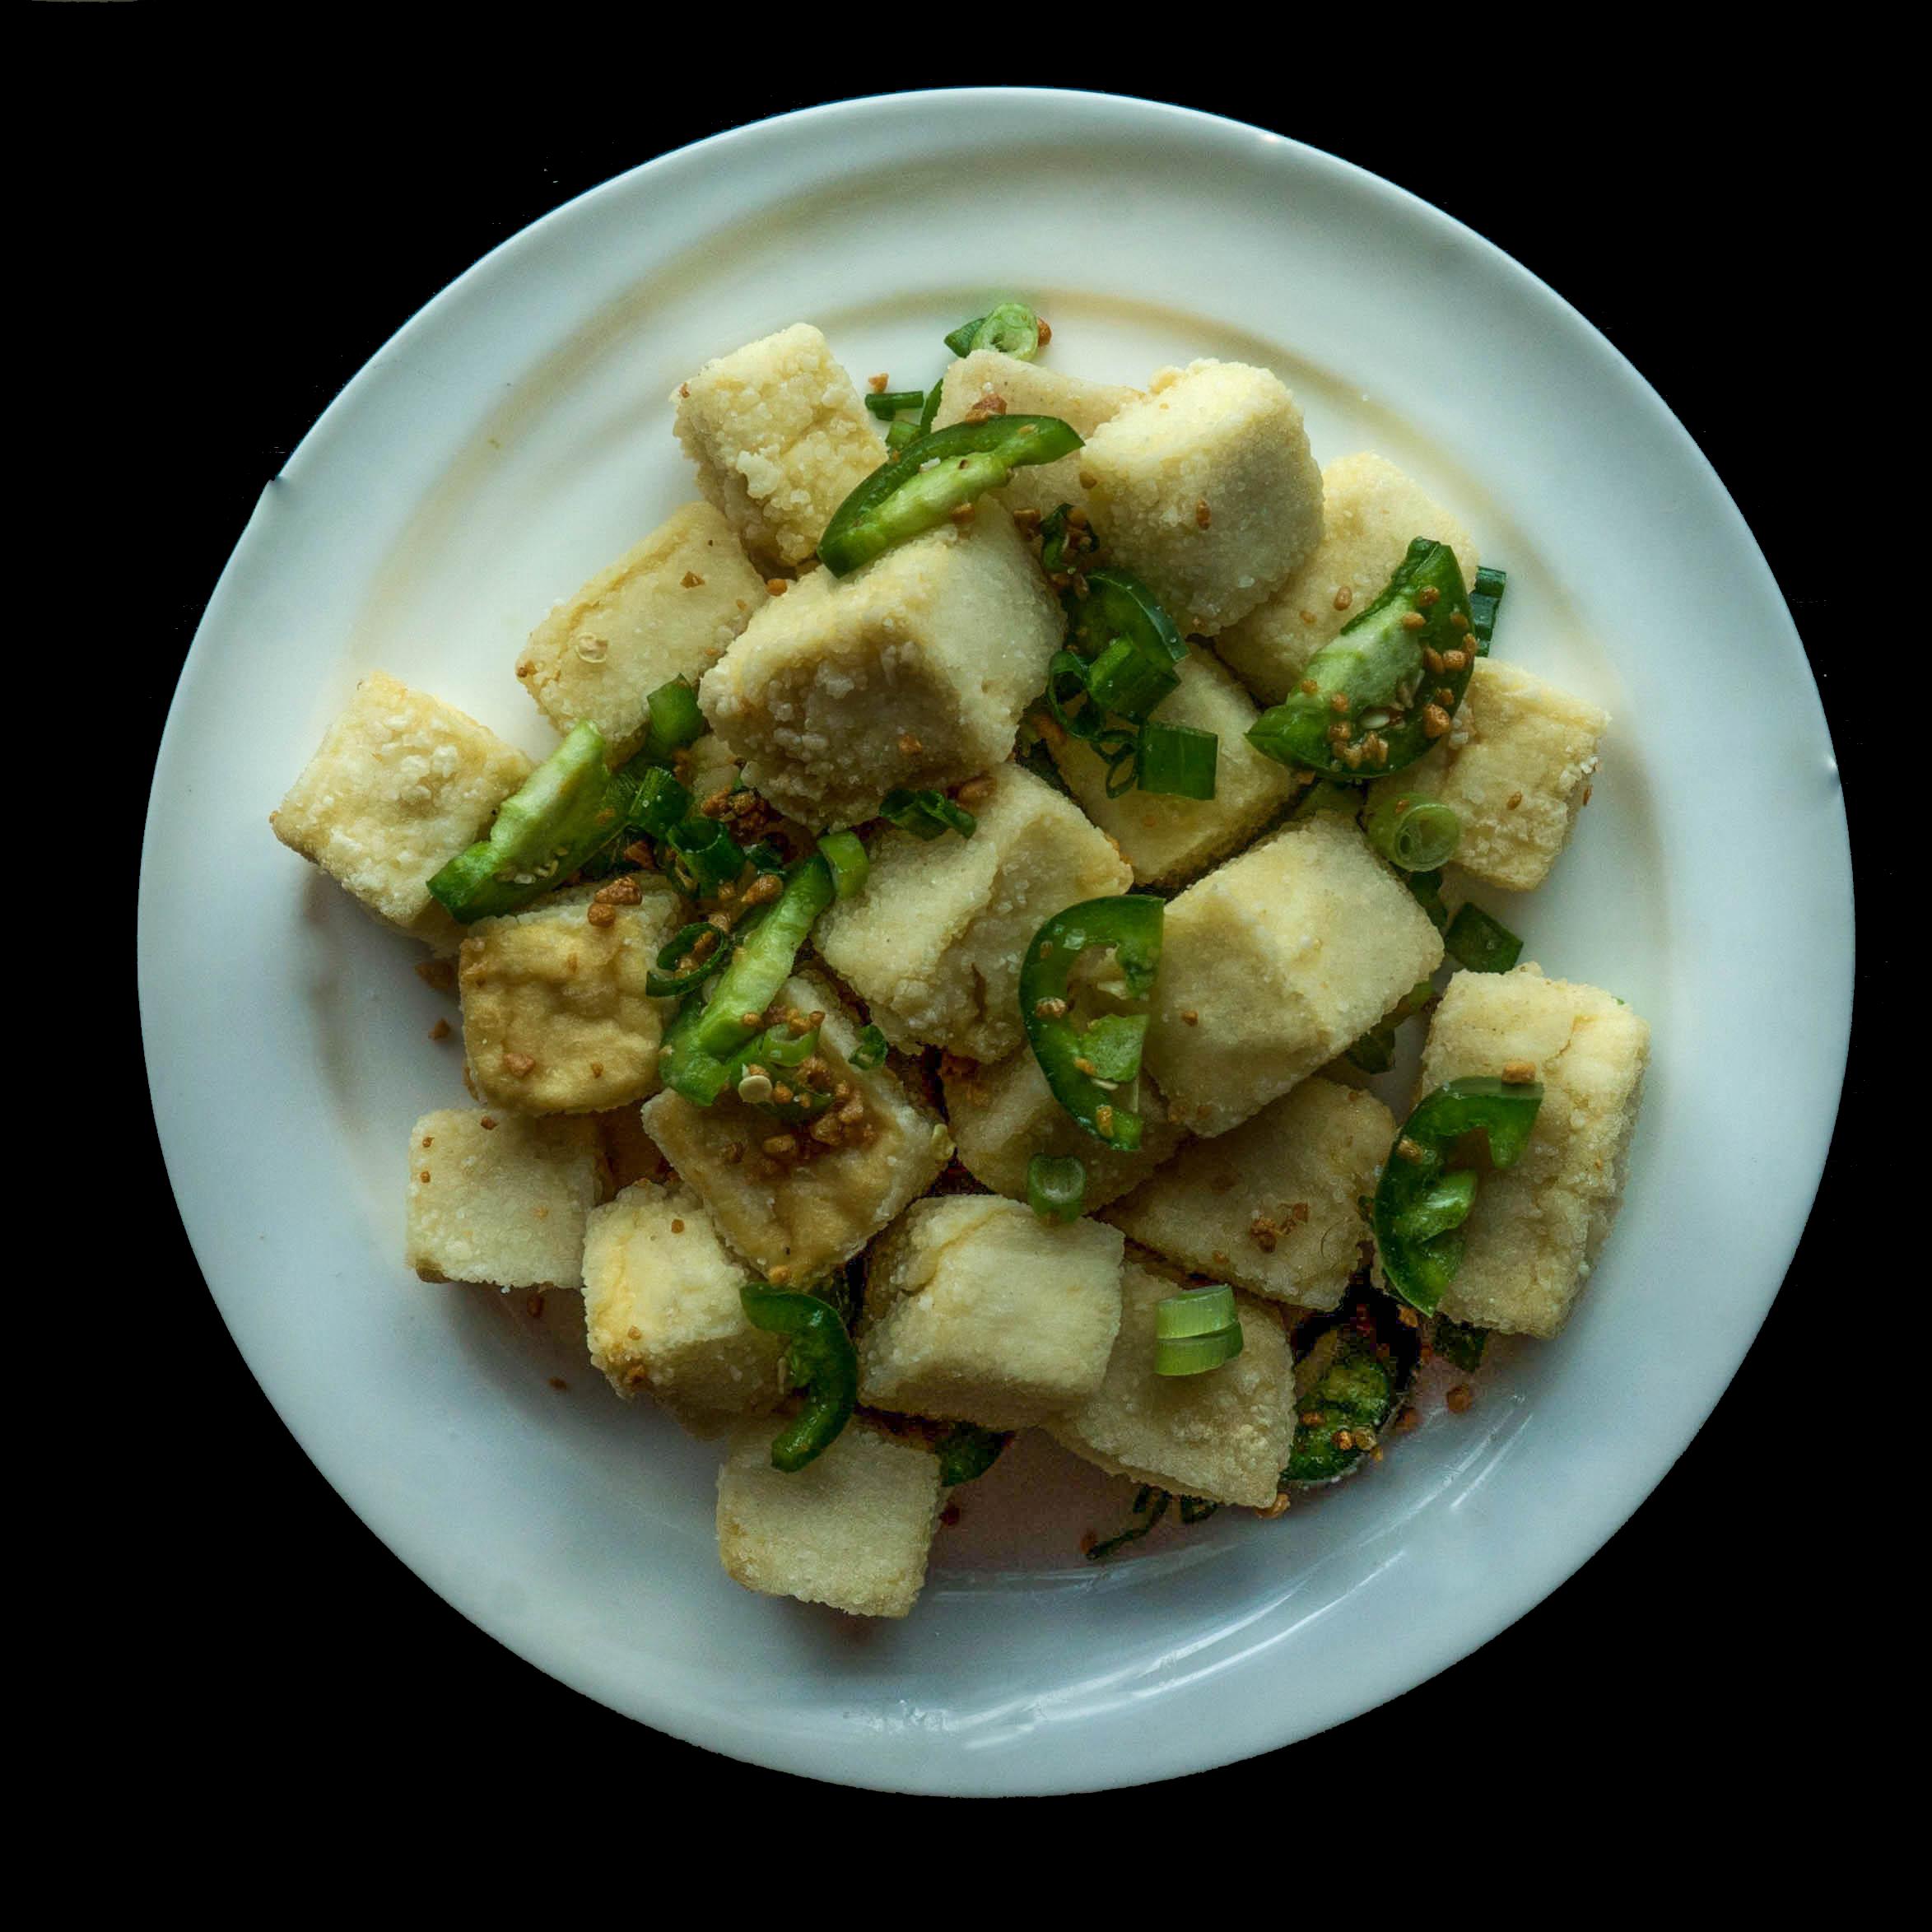 36. 蒜香椒盐 Salt, Pepper & Garlic Deep Fried Image